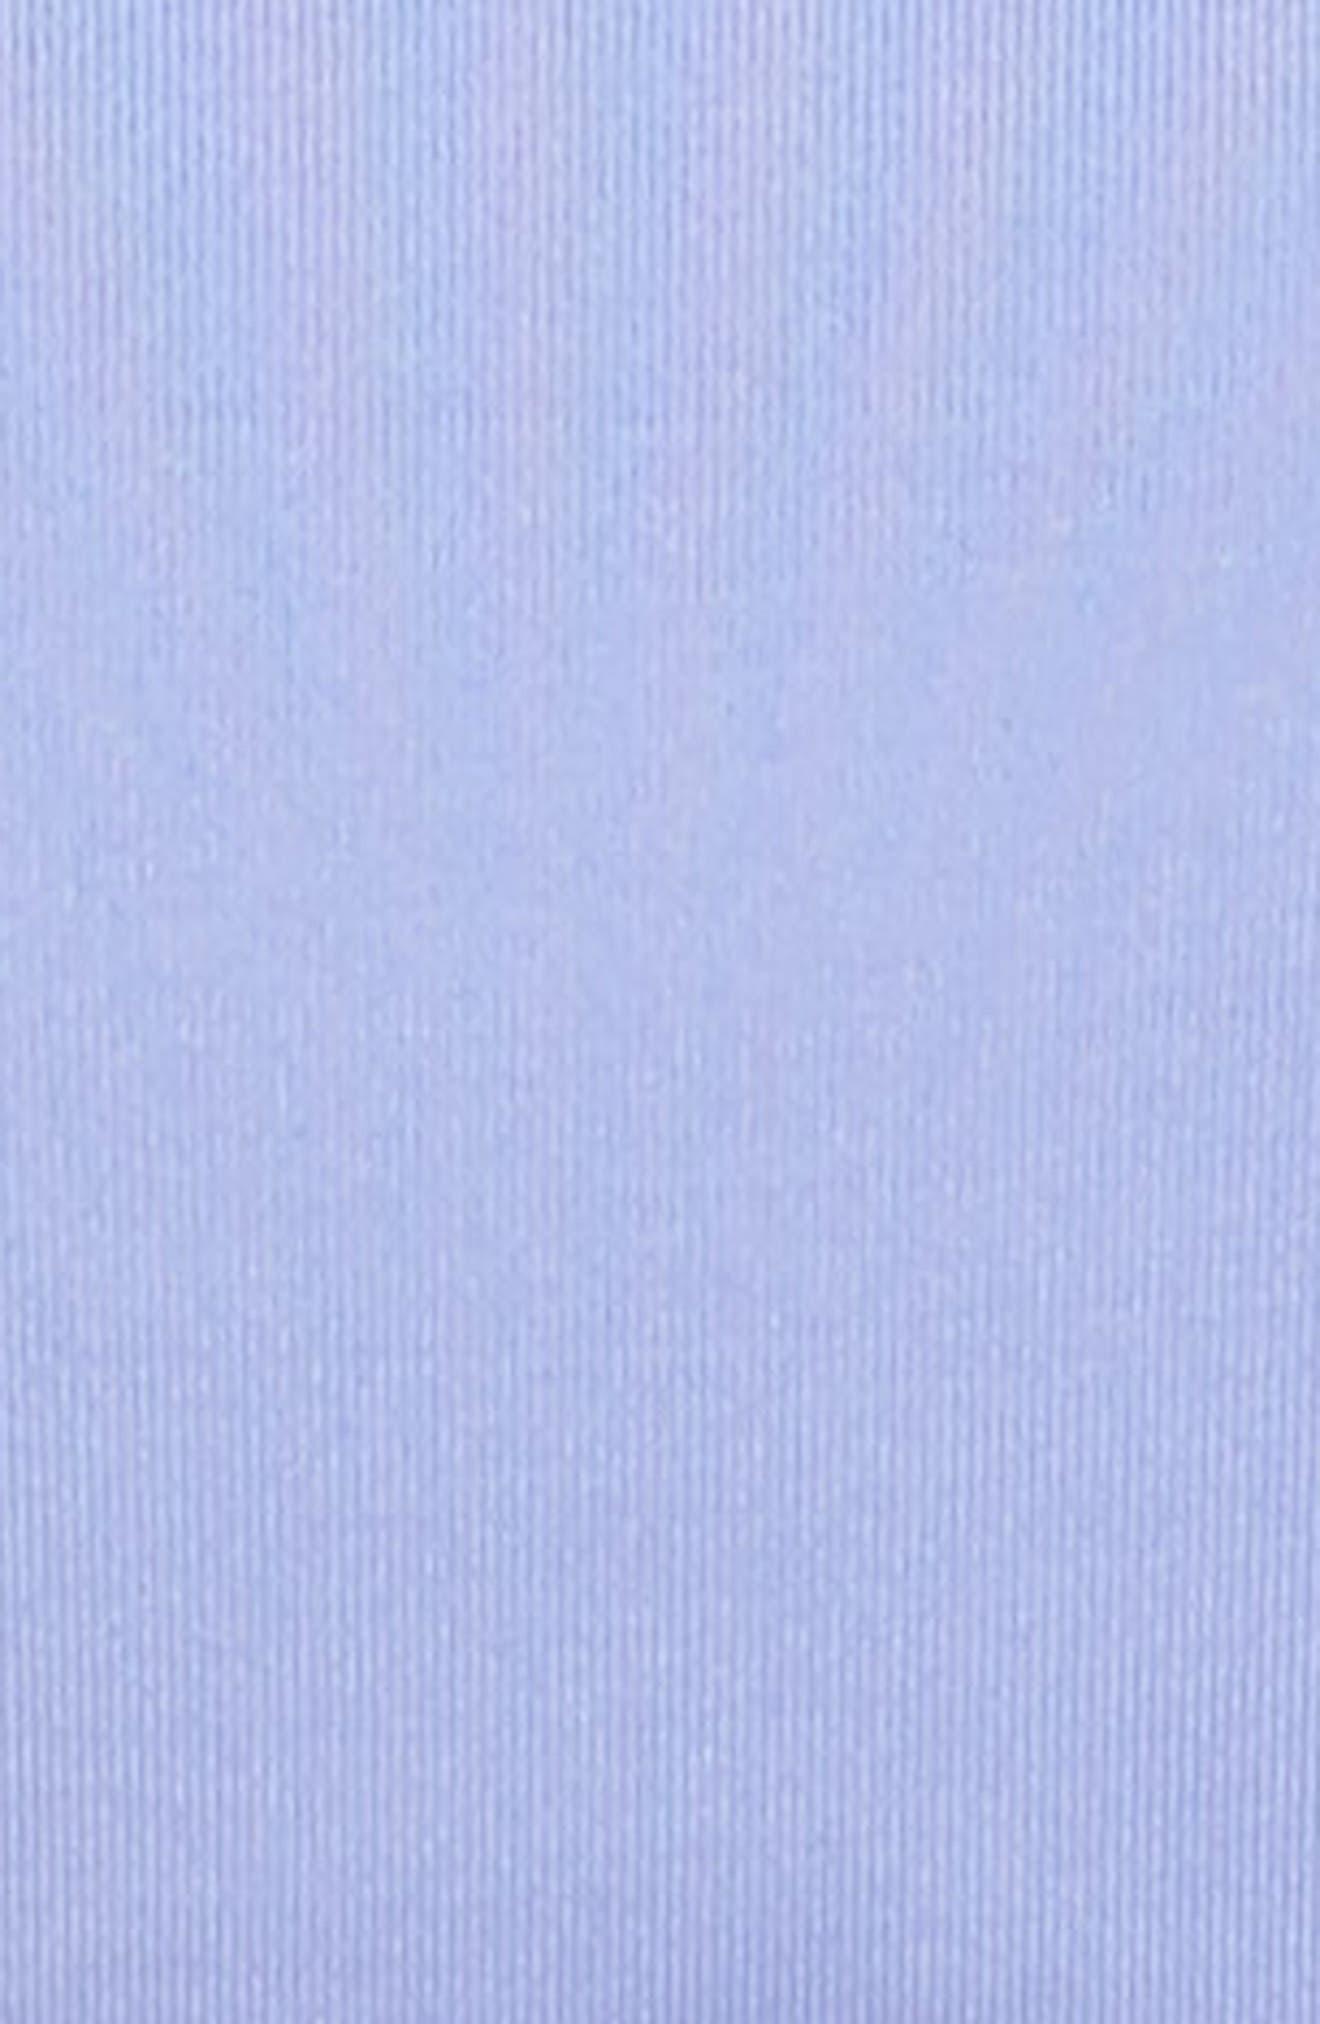 PATAGONIA, Nanogrip Bikini Bottoms, Alternate thumbnail 6, color, LIGHT VIOLET BLUE